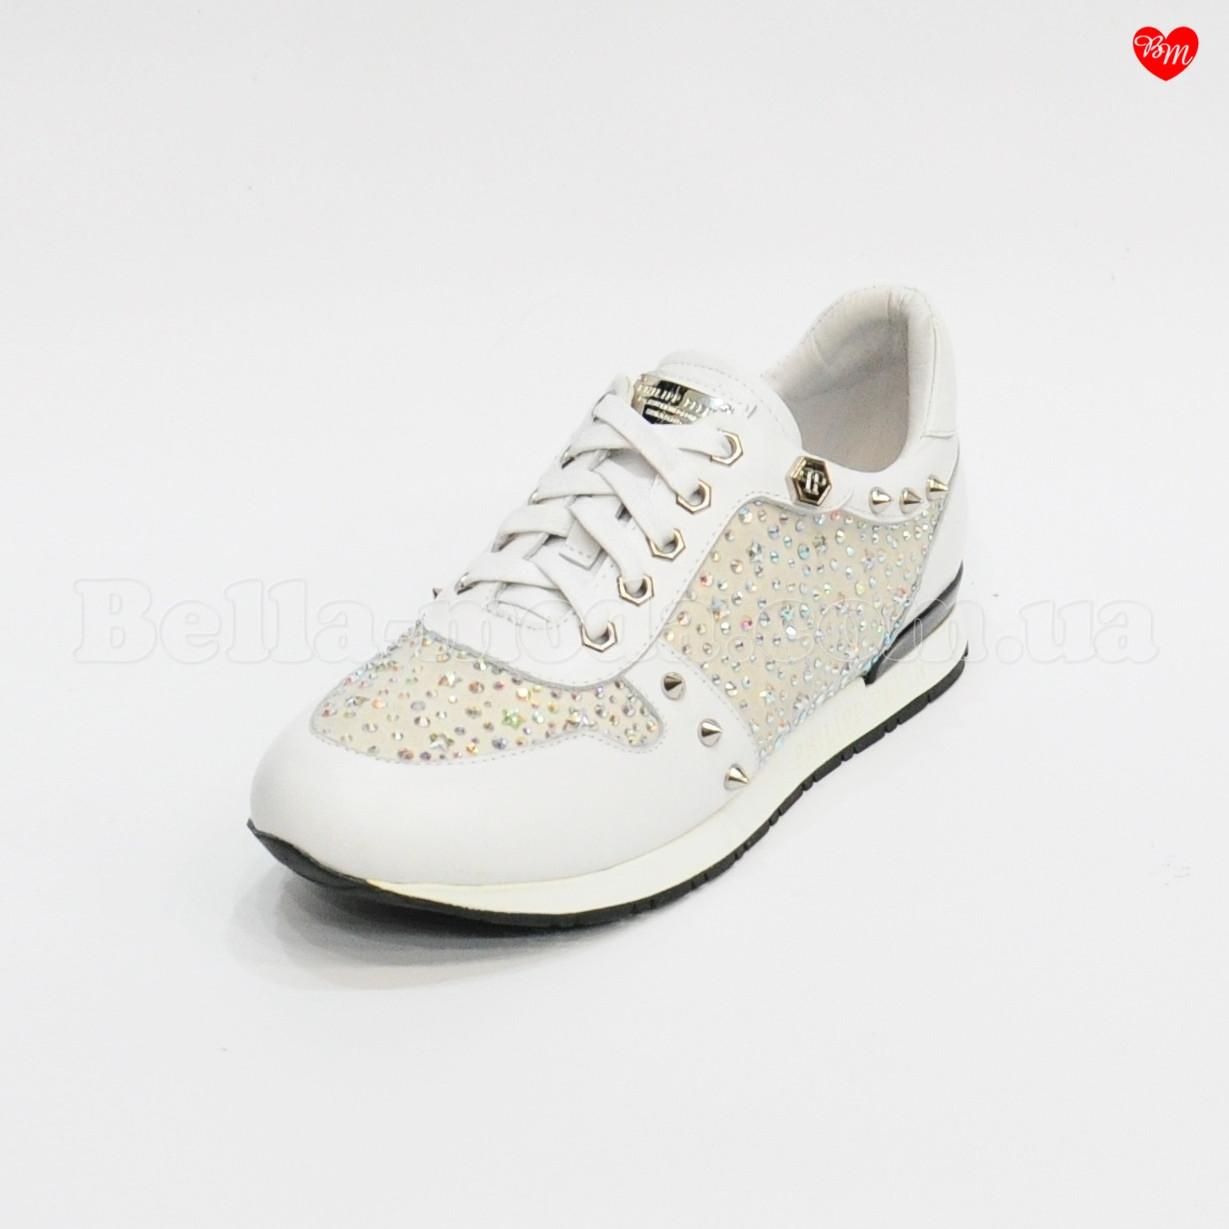 8ba0a7c66a8c Купить Женские белые кроссовки в камнях Philipp Plein в розницу от  интернет-магазина ...